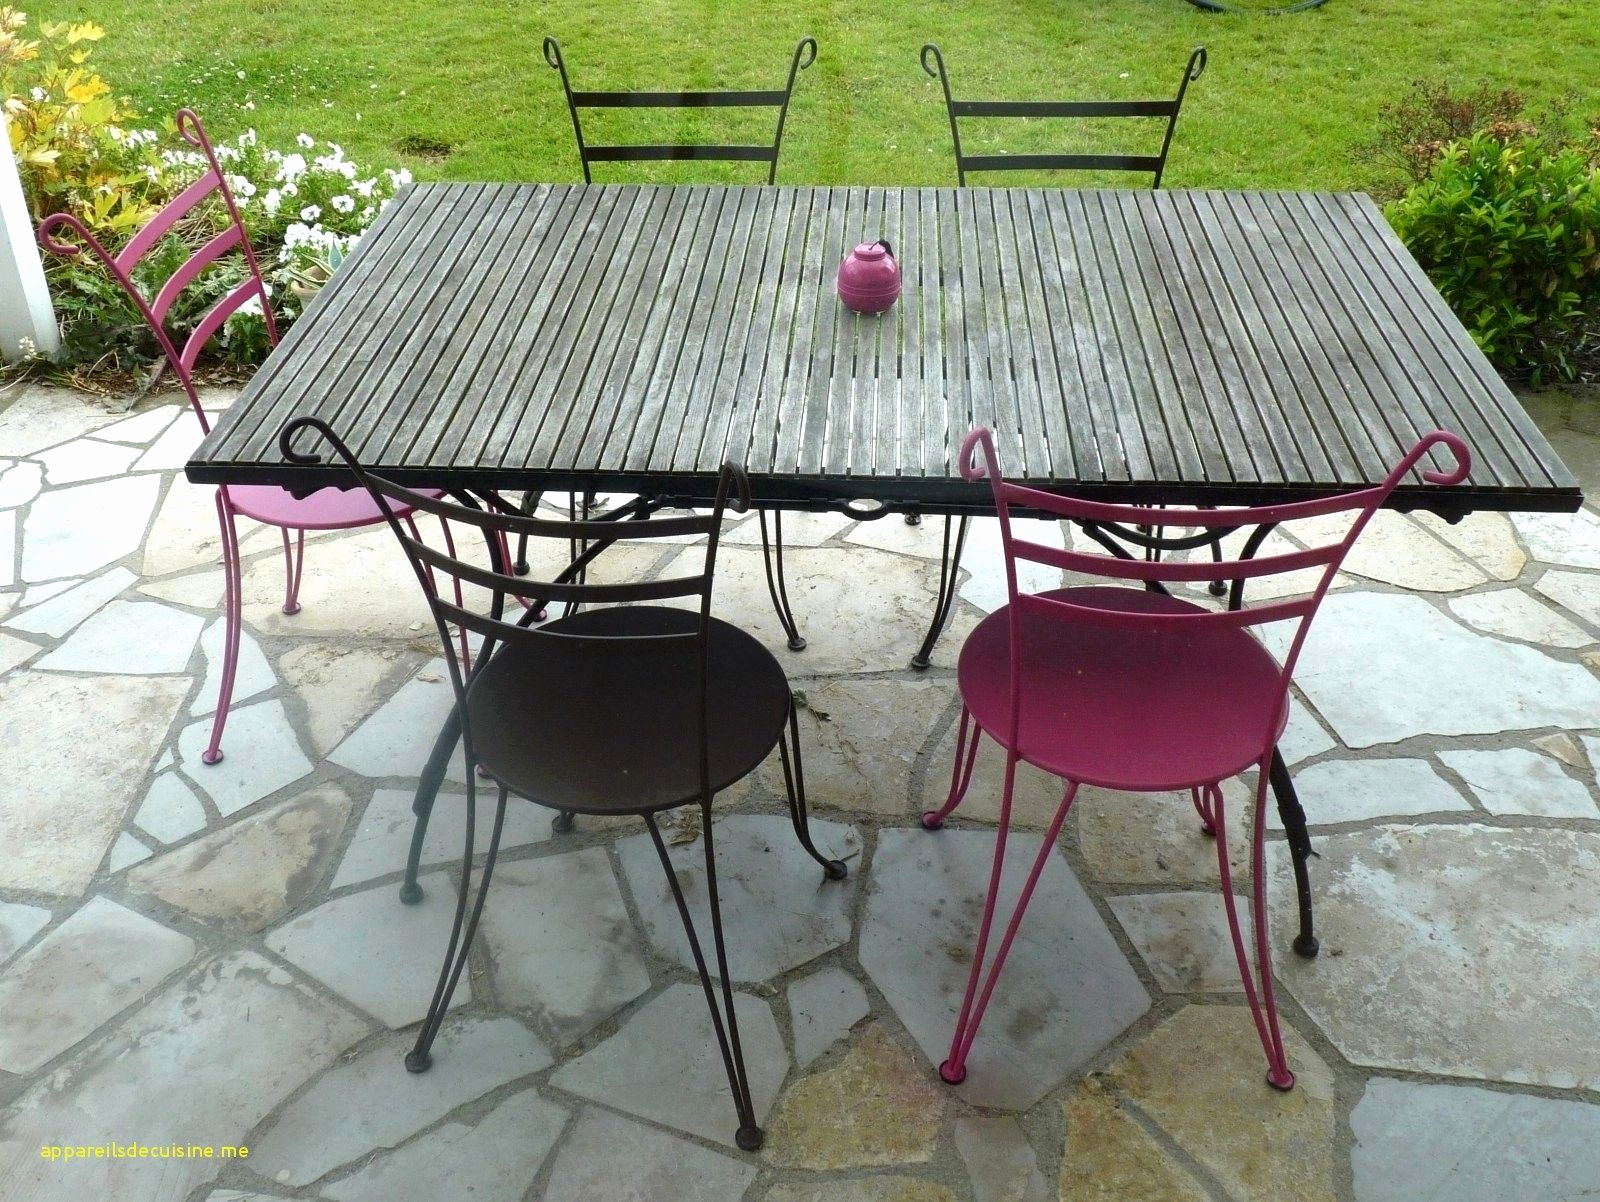 salon de jardin leclerc catalogue 2017 beau chaise pliante jardin aussi chaise salon de jardin leclerc meilleur of salon de jardin leclerc catalogue 2017